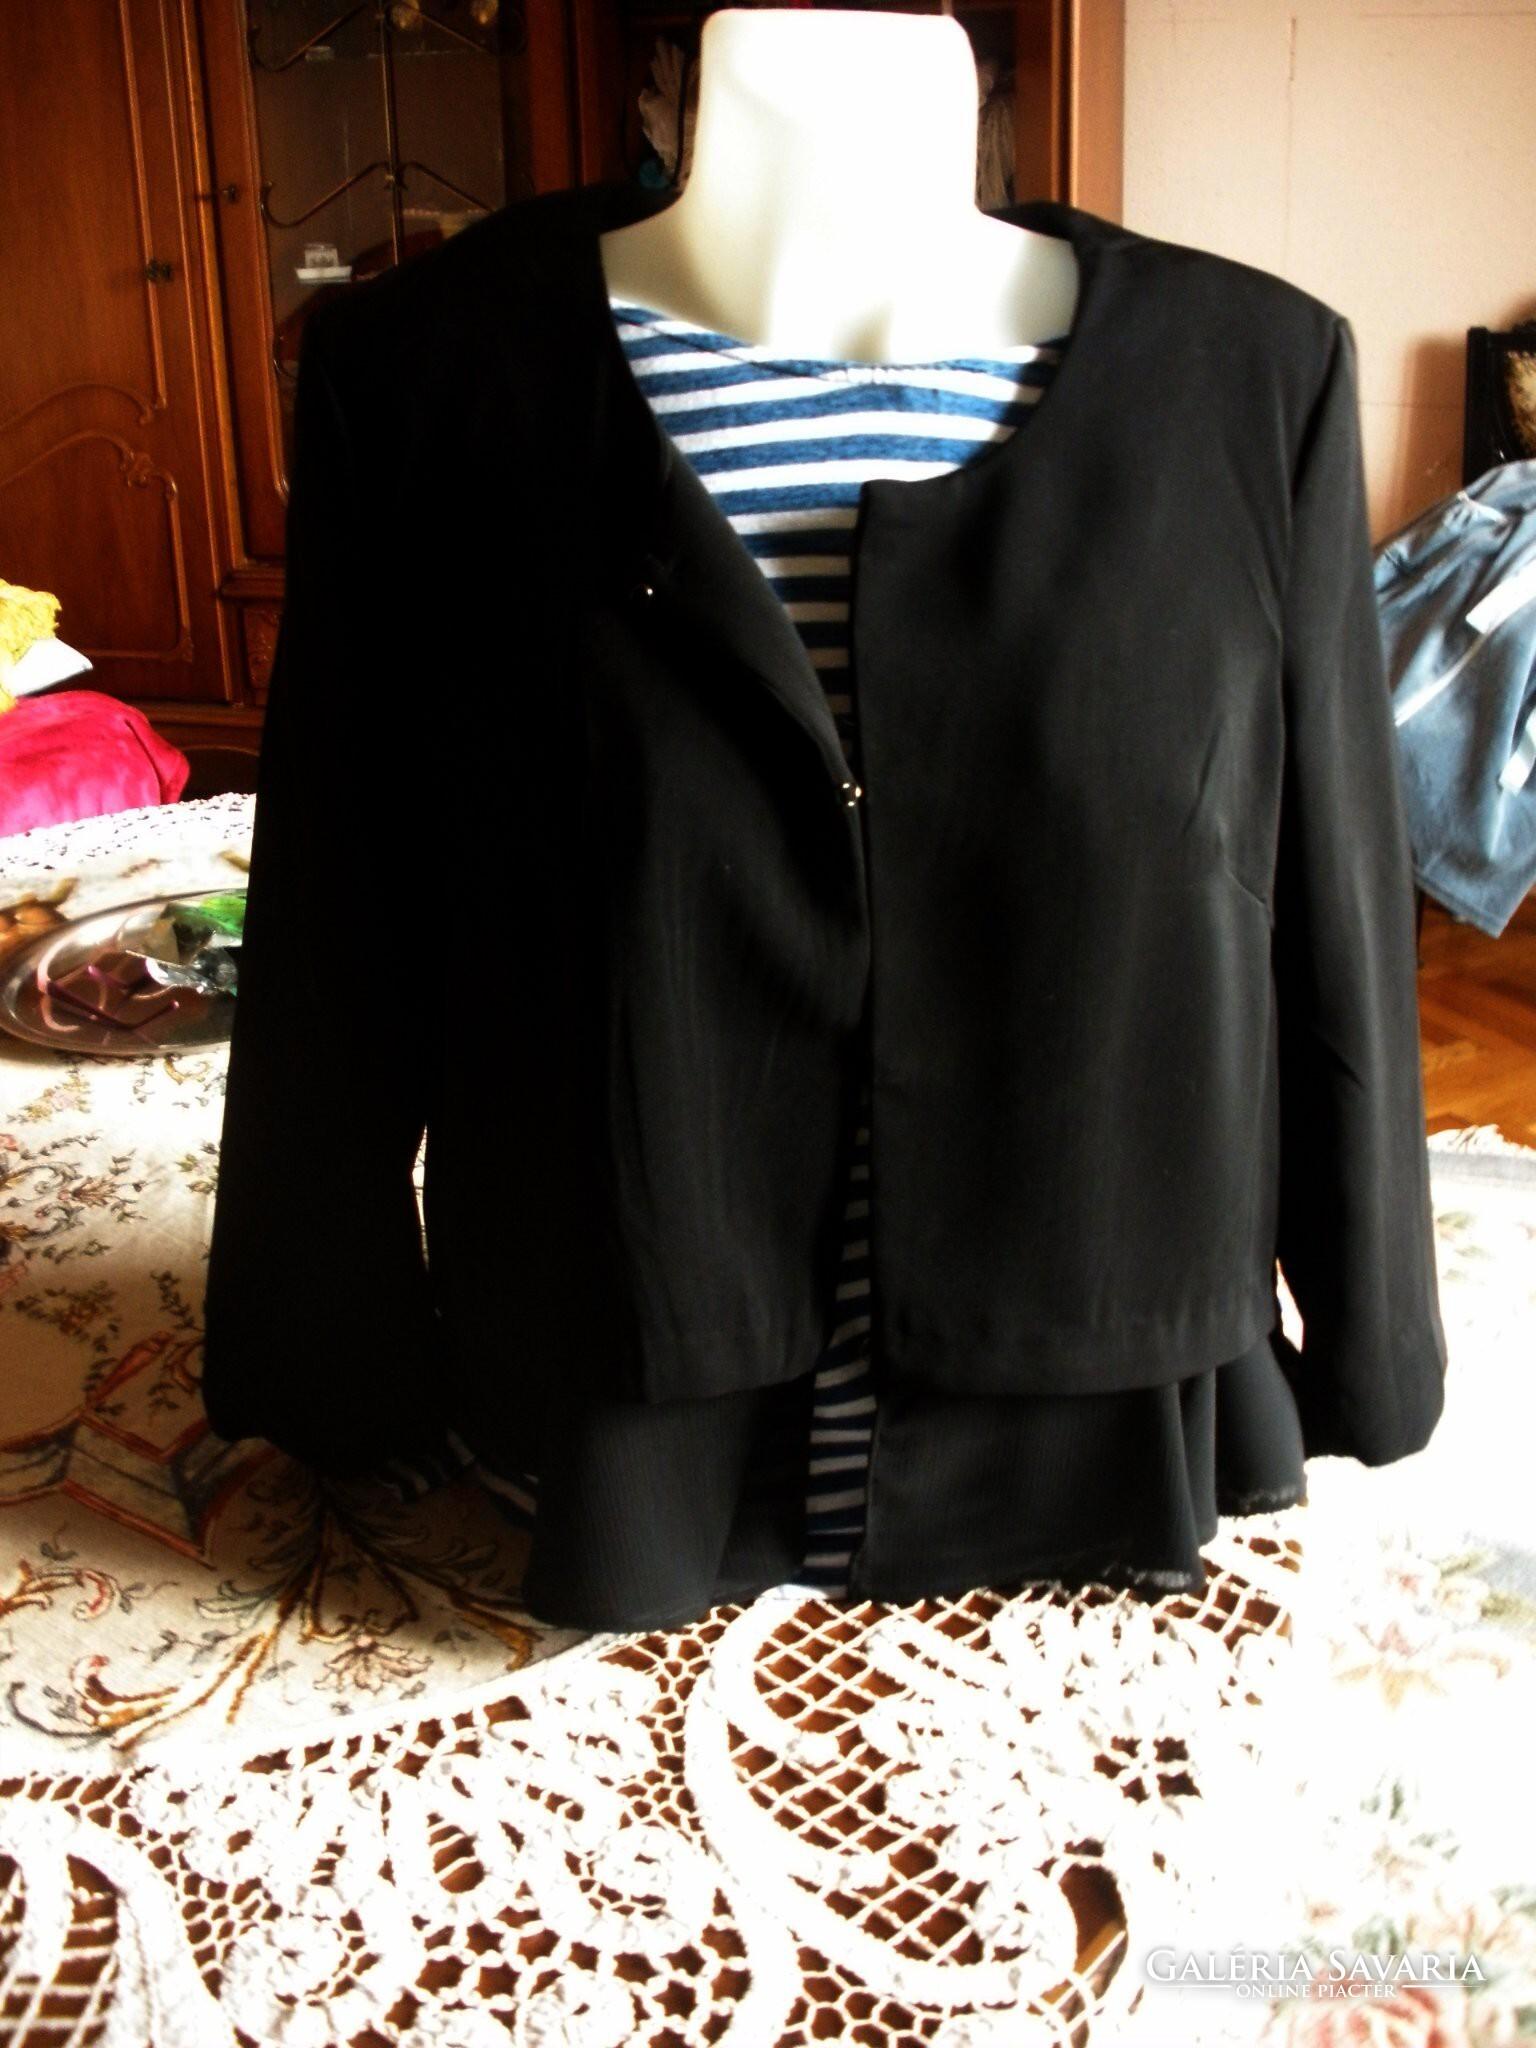 e213d85006 Fekete csodás blézer - Gardrób | Galéria Savaria online piactér - Antik ...